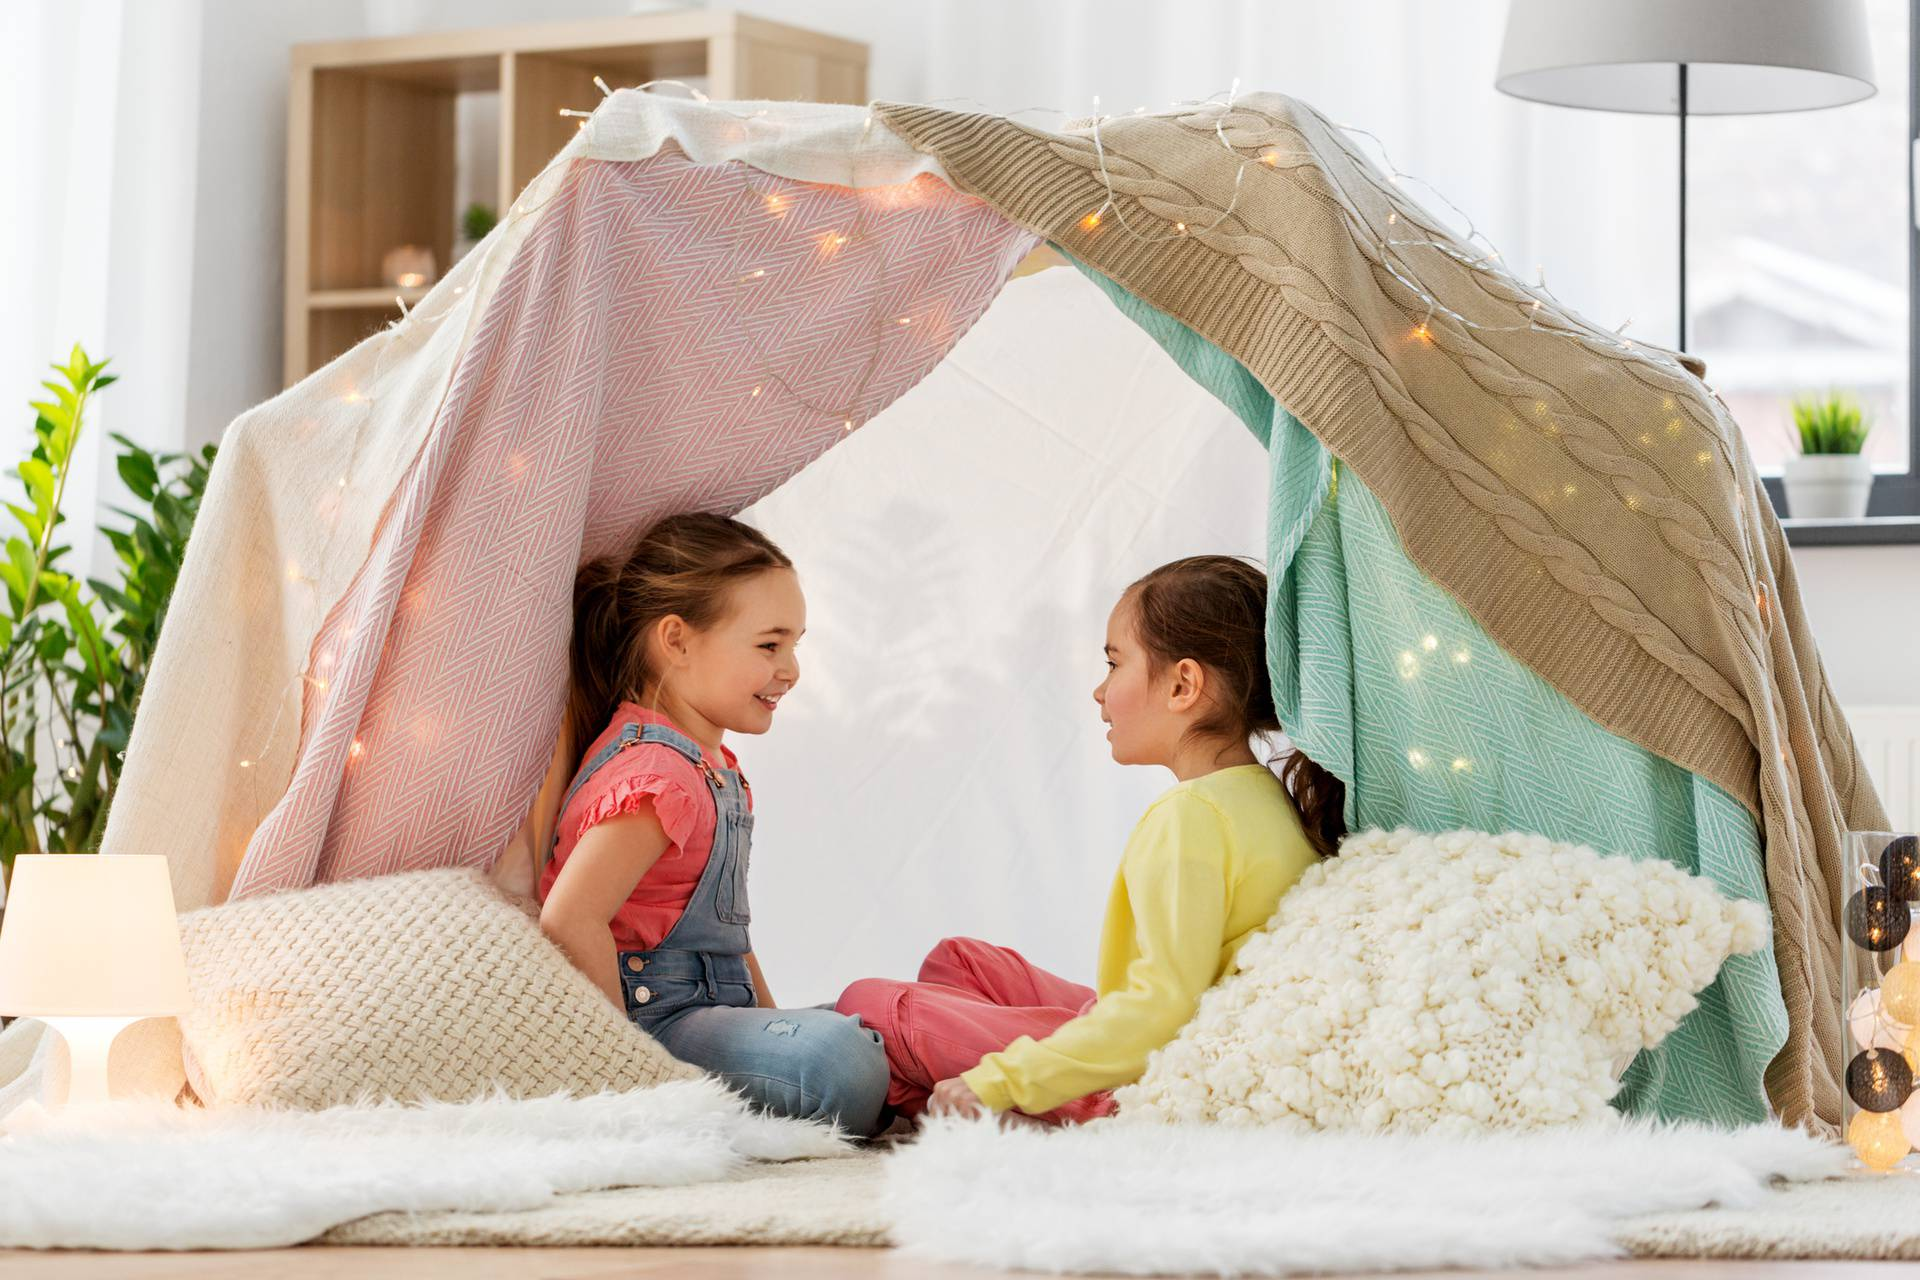 Četiri maštovite aktivnosti koje će djecu zaokupiti na cijeli dan